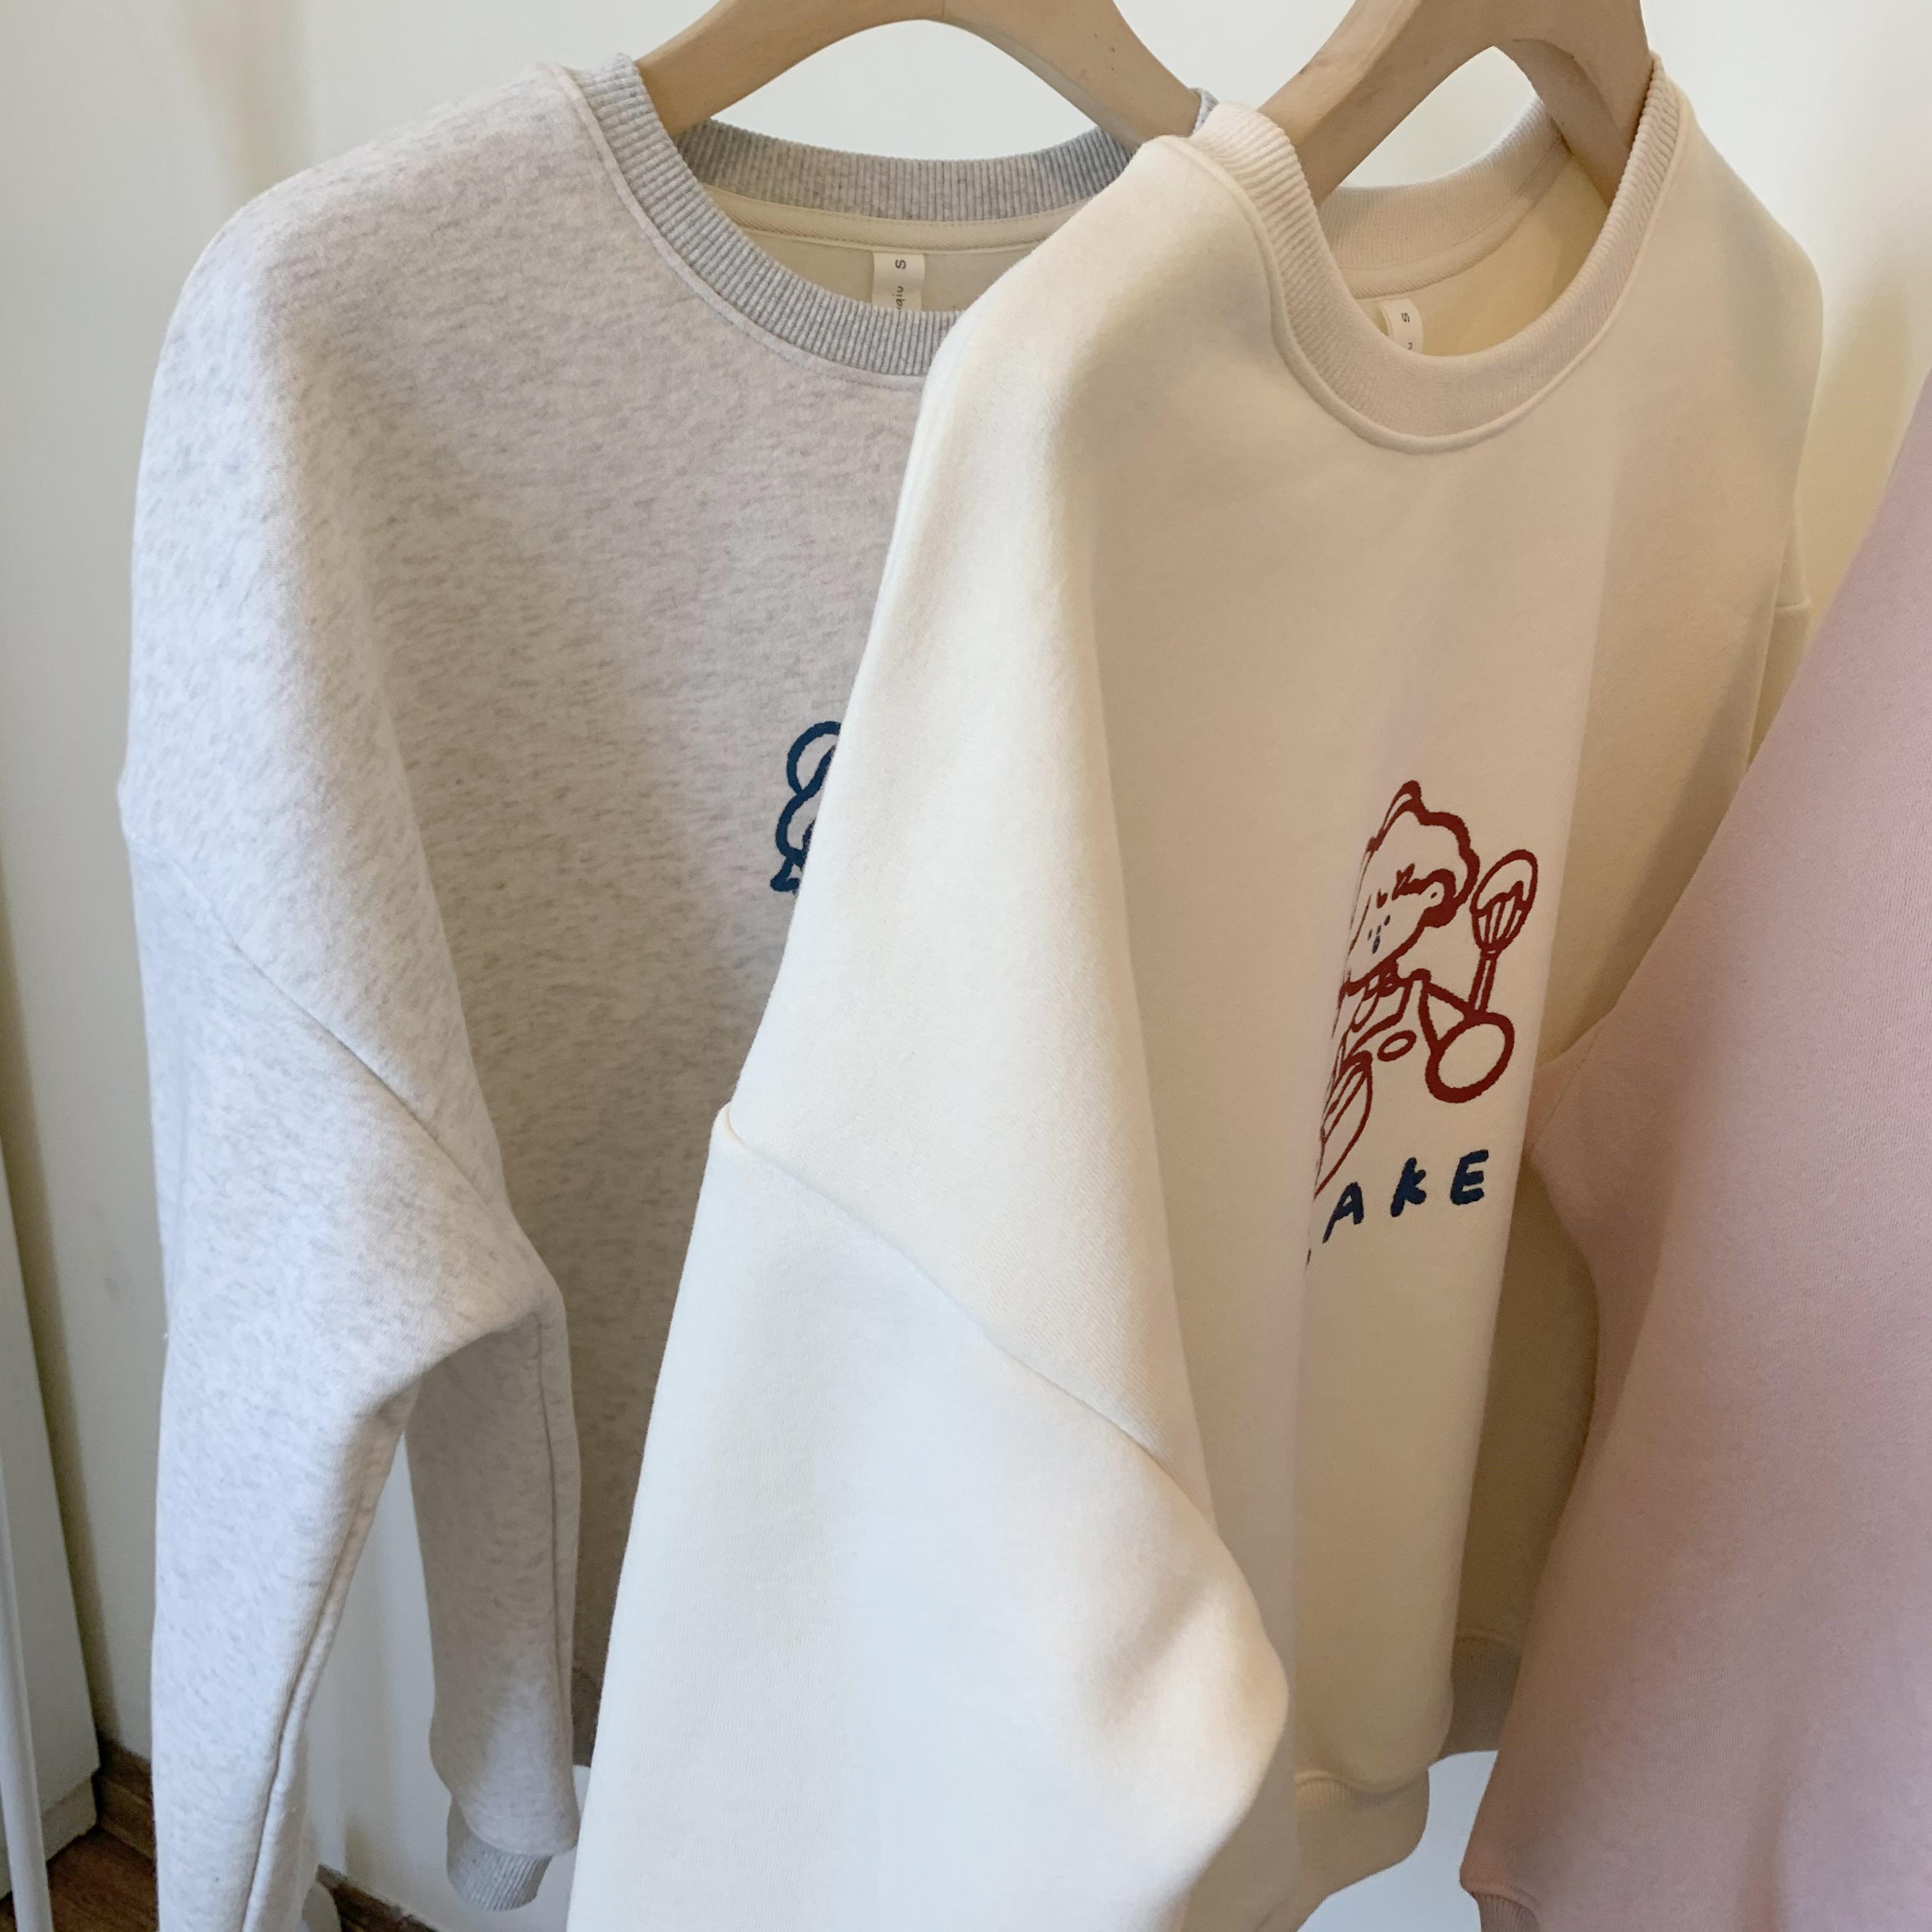 〈カフェシリーズ〉コックさんの淡色セーター【Shuff light colorsweater】